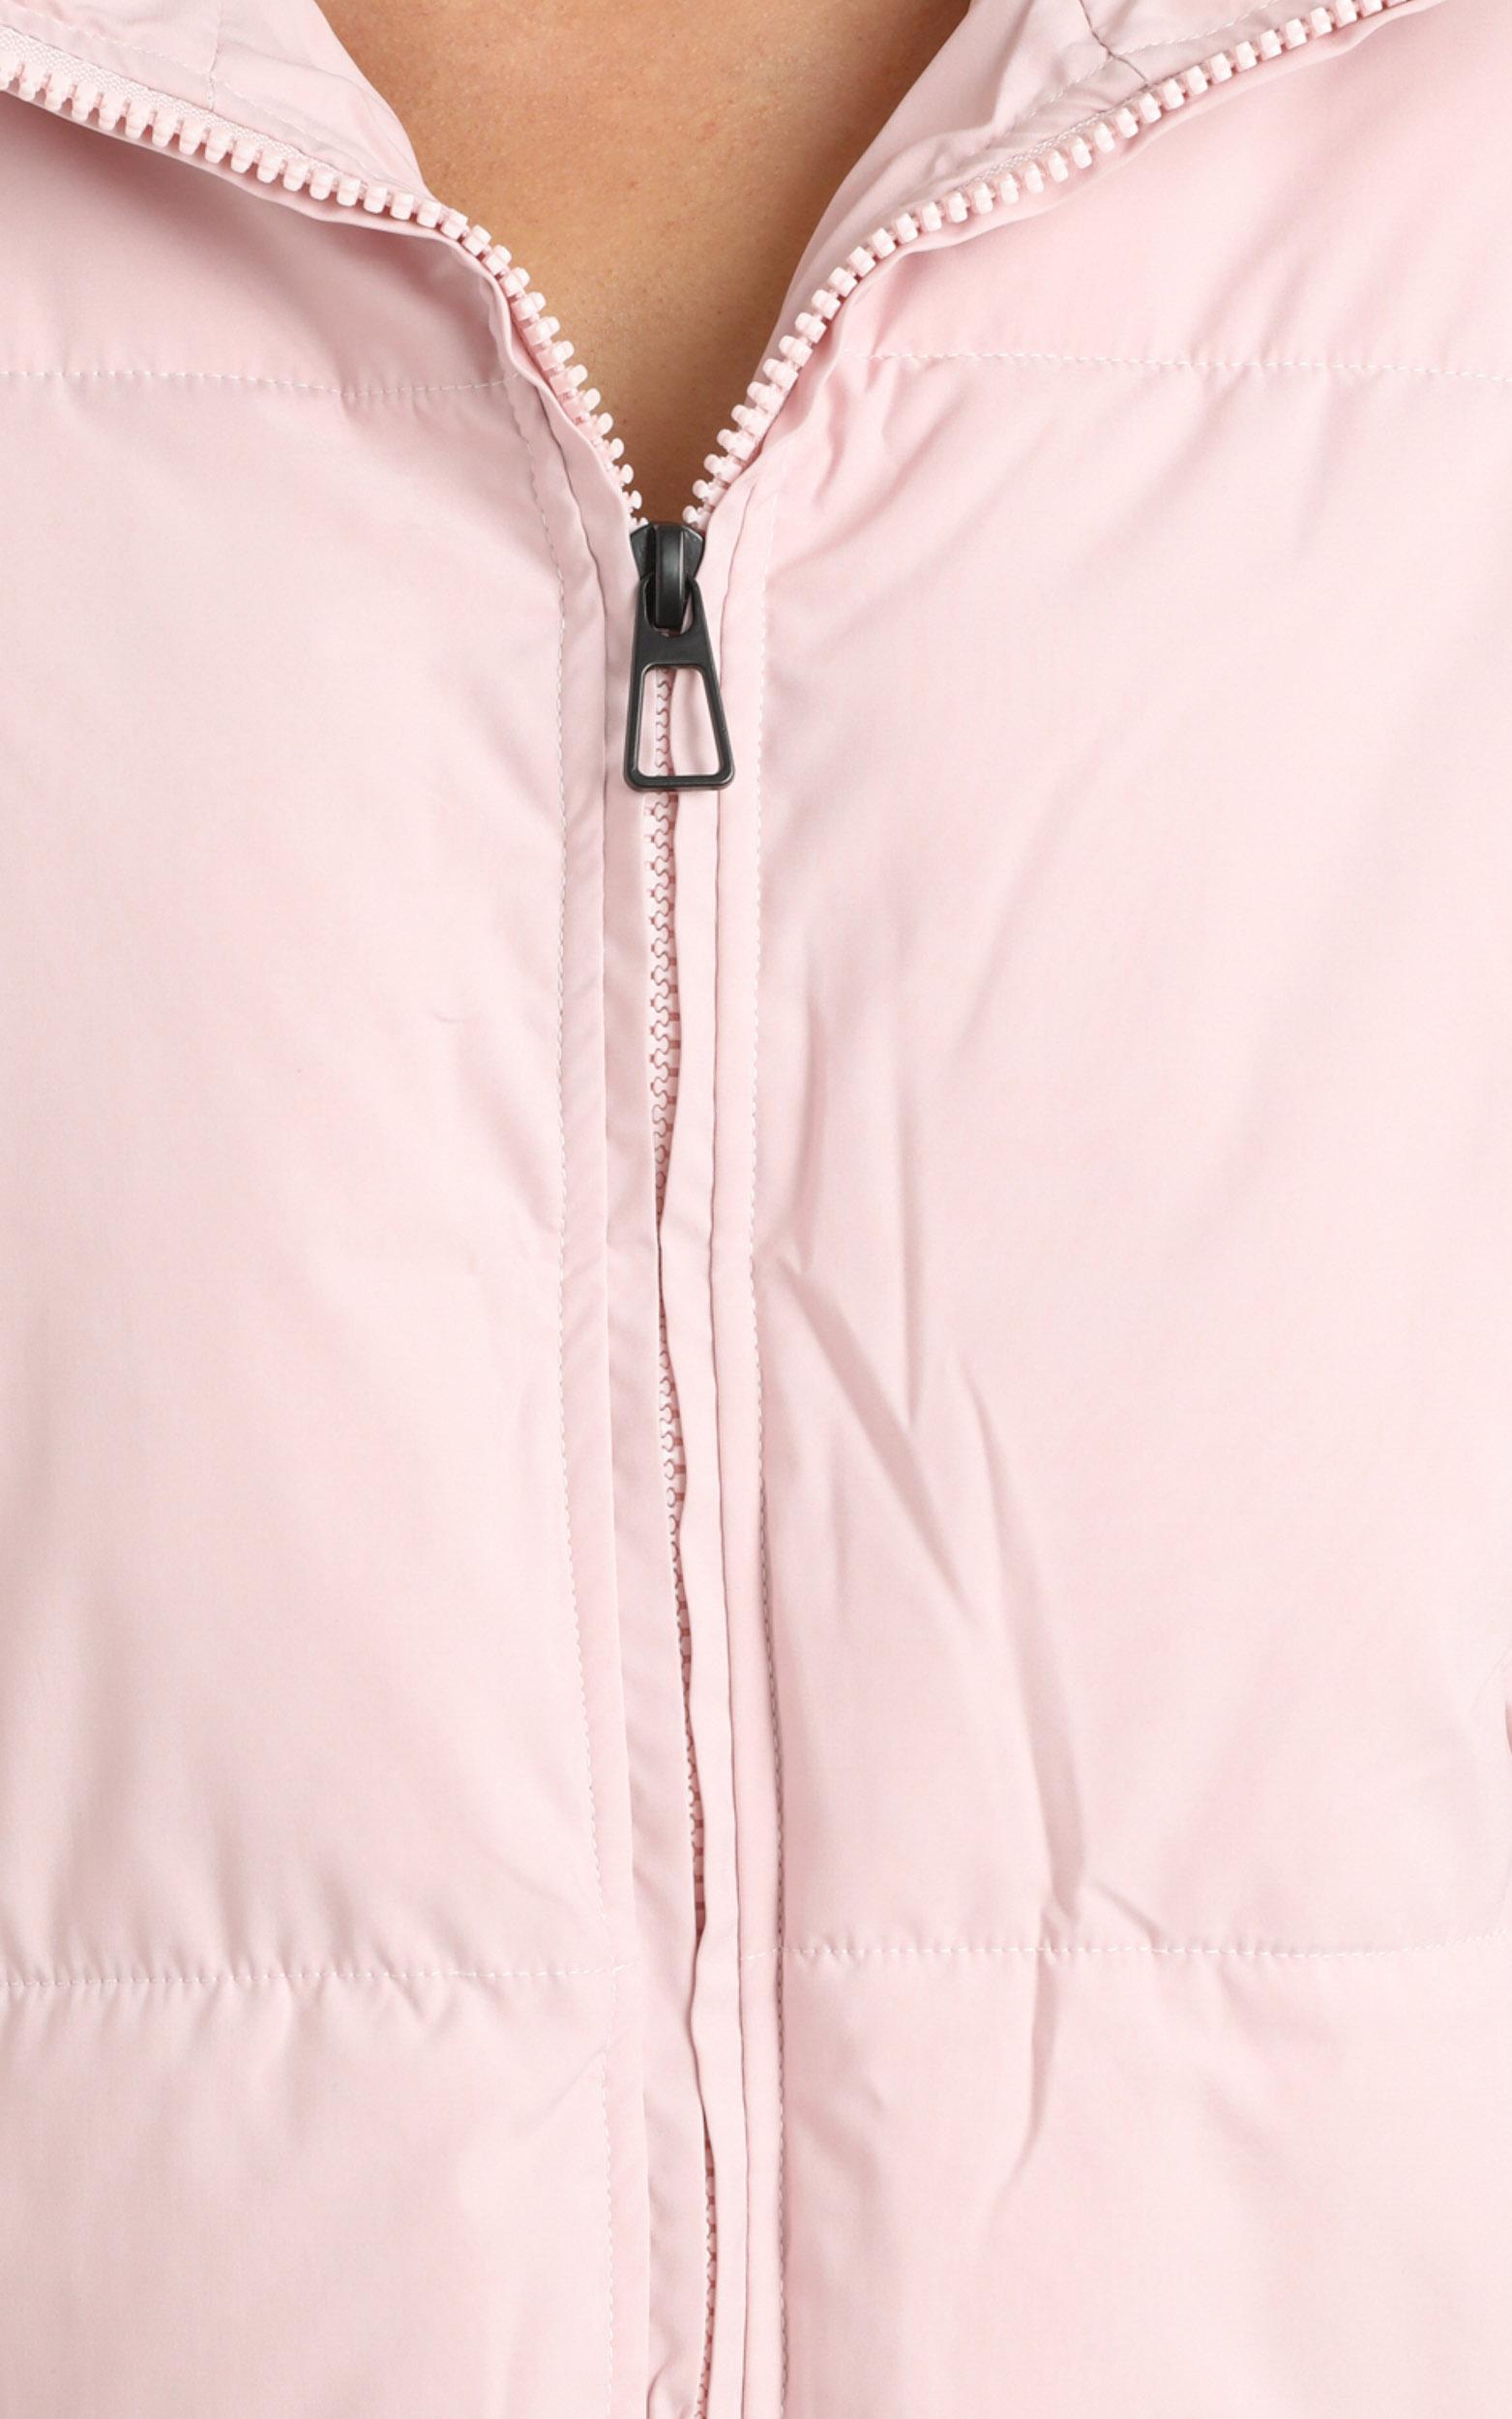 Windsor Puffer Jacket in Pink - 12 (L), Pink, hi-res image number null